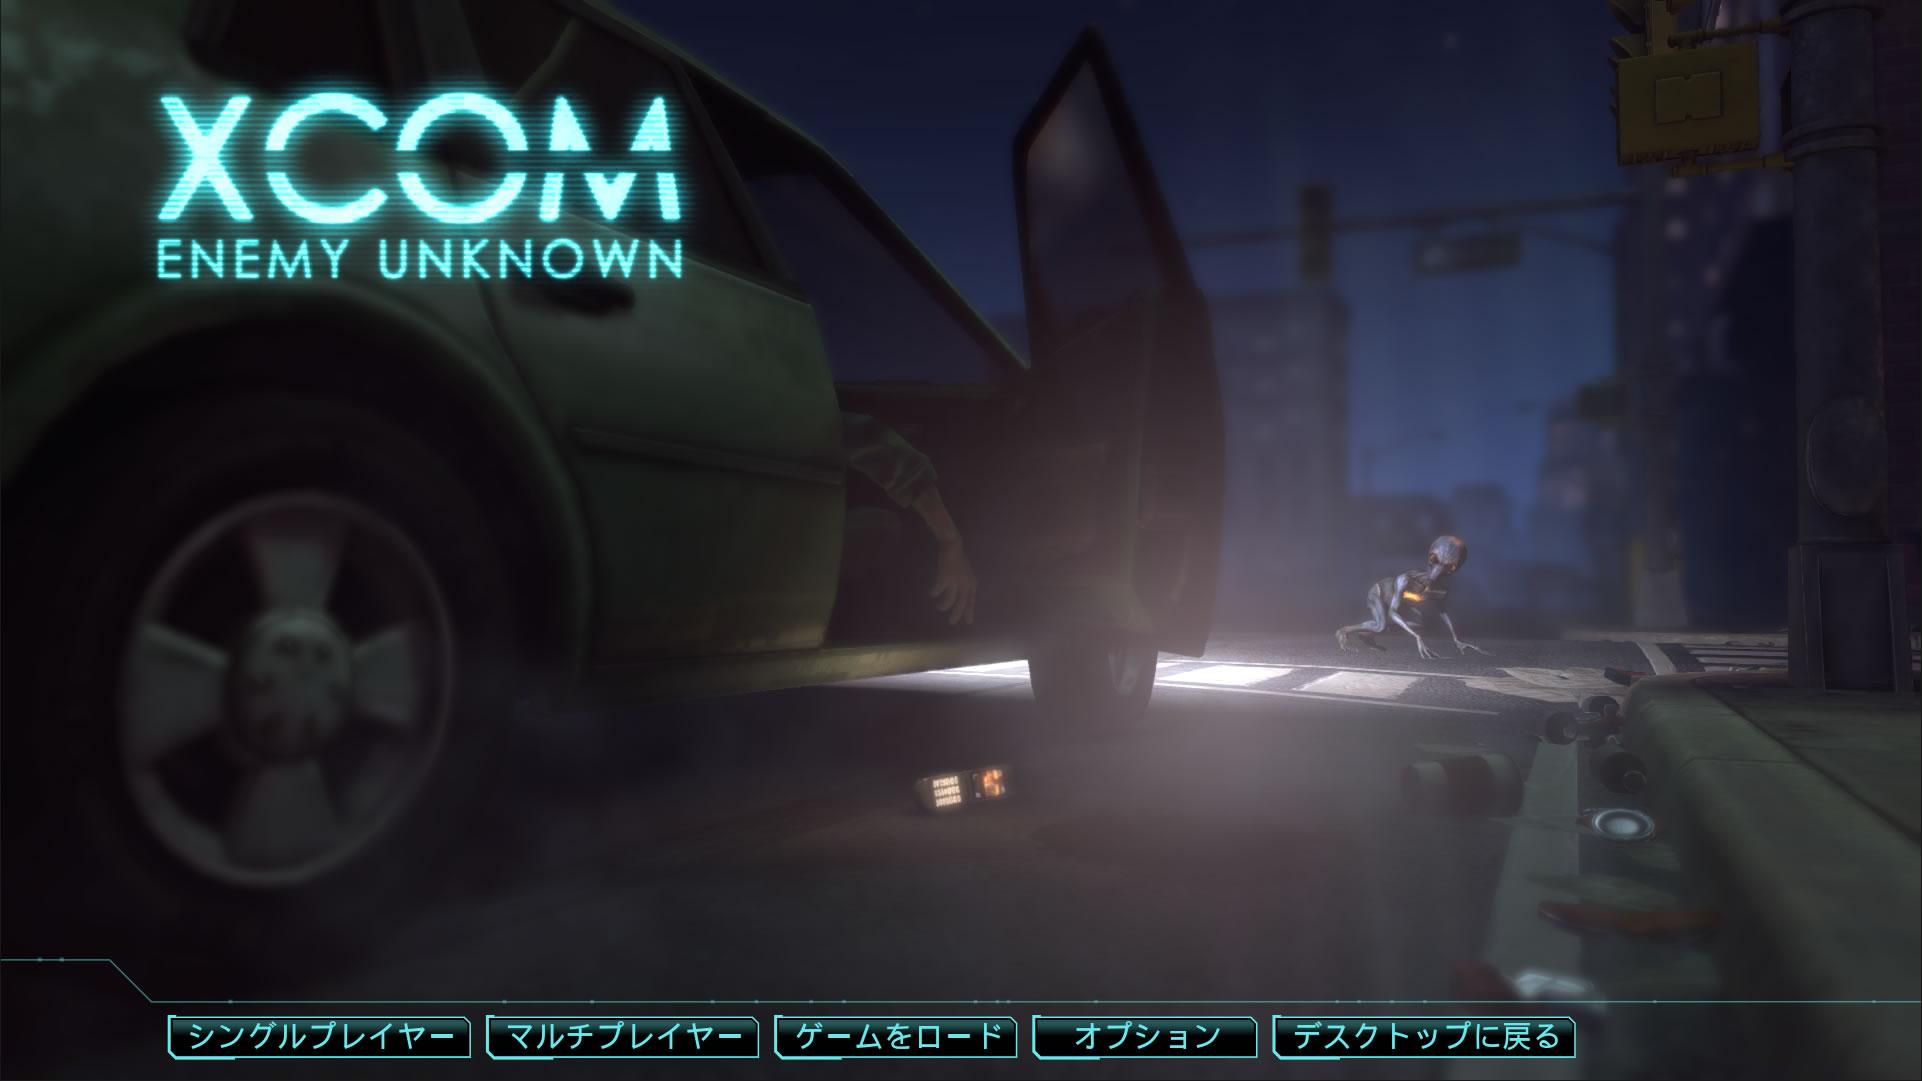 対エイリアン秘密組織を指揮して地球を守れ!ターン制の人気ストラテジーゲーム「XCOM: Enemy Unknown」